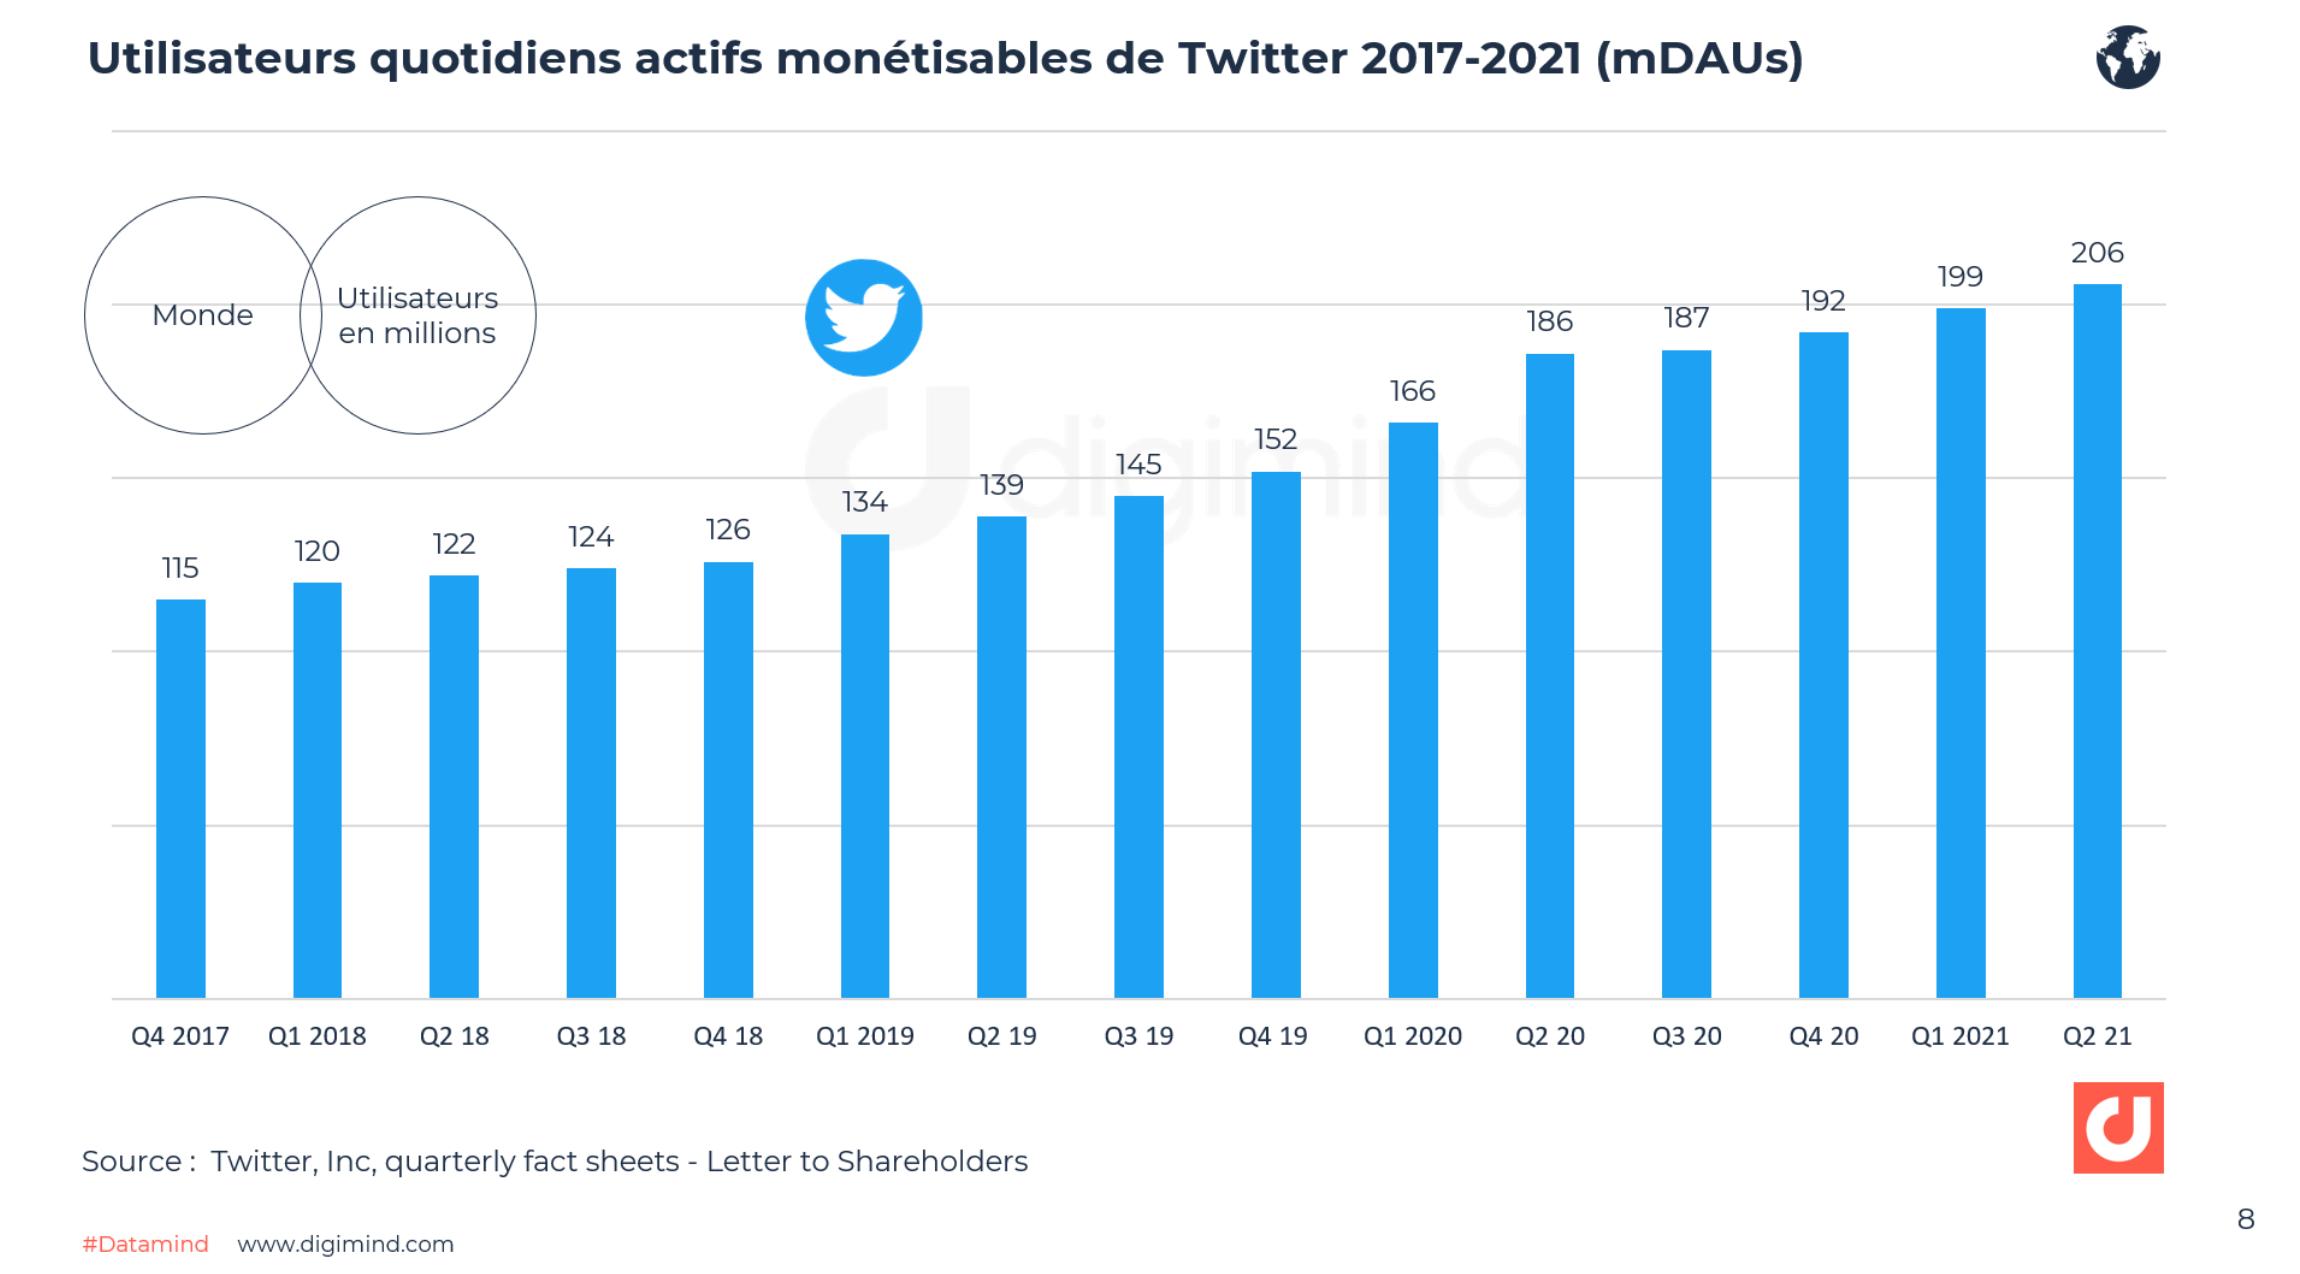 Utilisateurs quotidiens actifs monétisables de Twitter 2017-2021 (mDAUs)